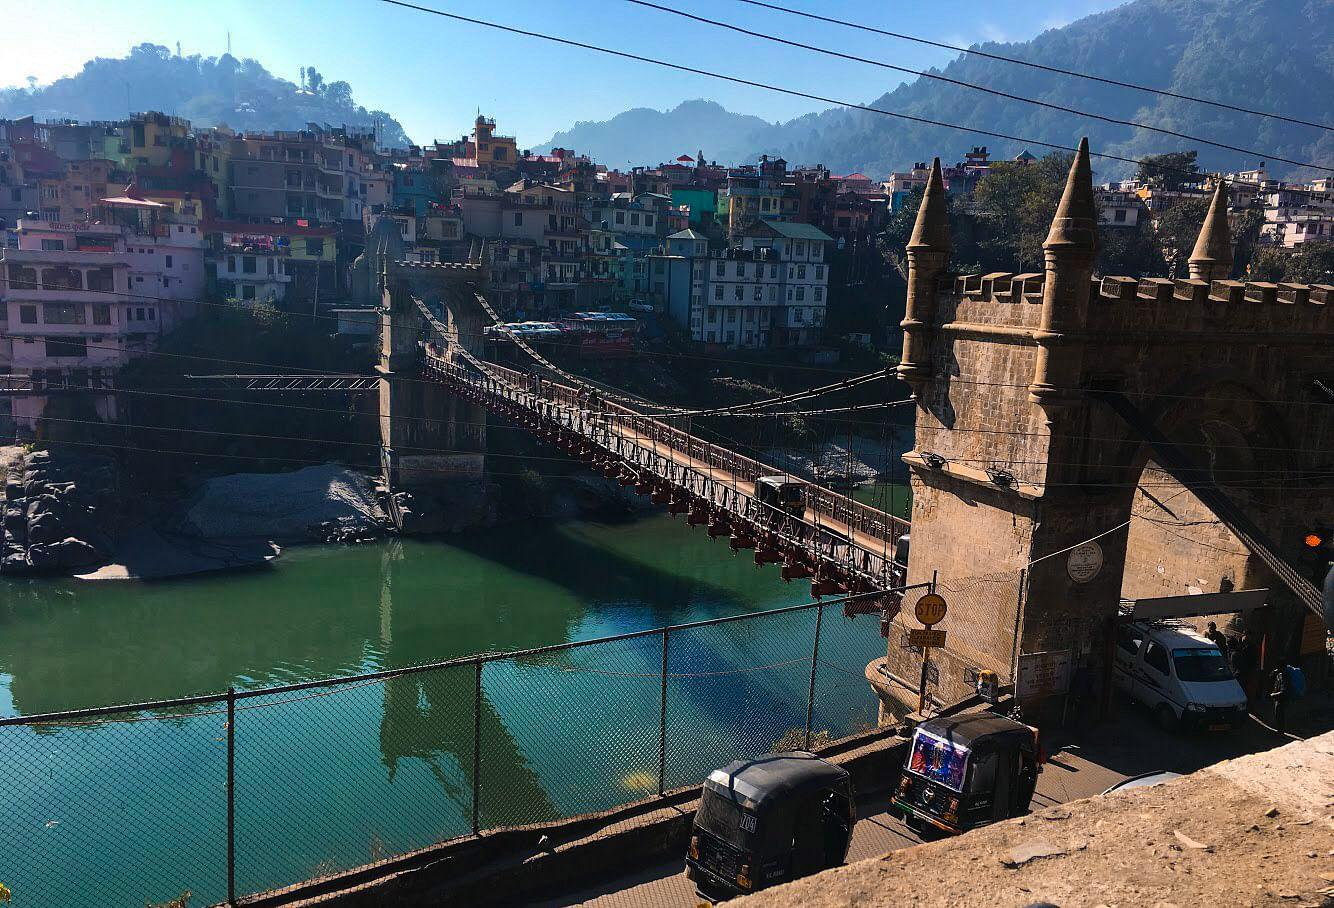 The famous Mandi bridge<br>